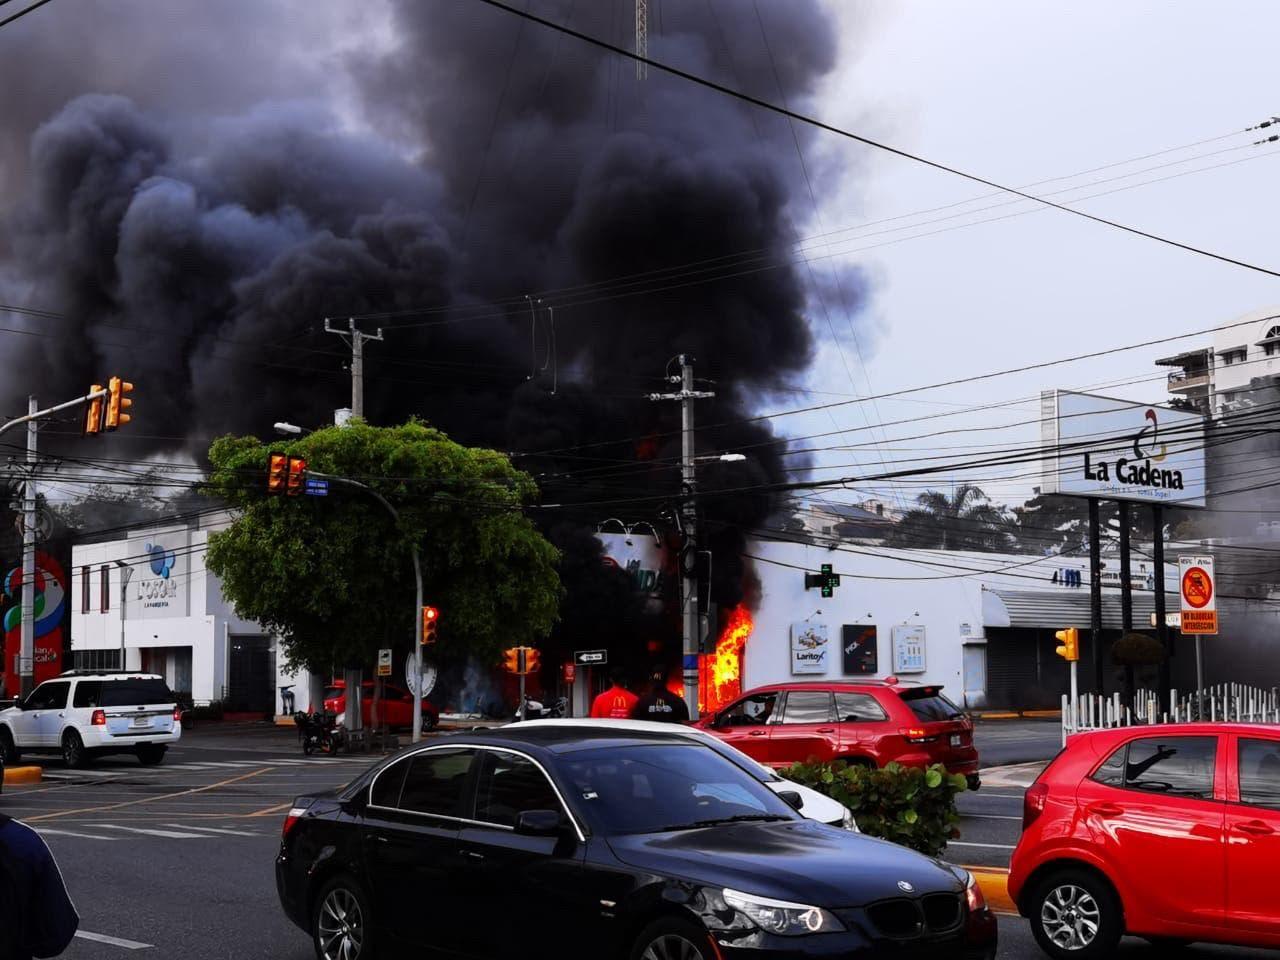 Muere joven de 25 años por inhalar humo en incendio de farmacia Los Hidalgos